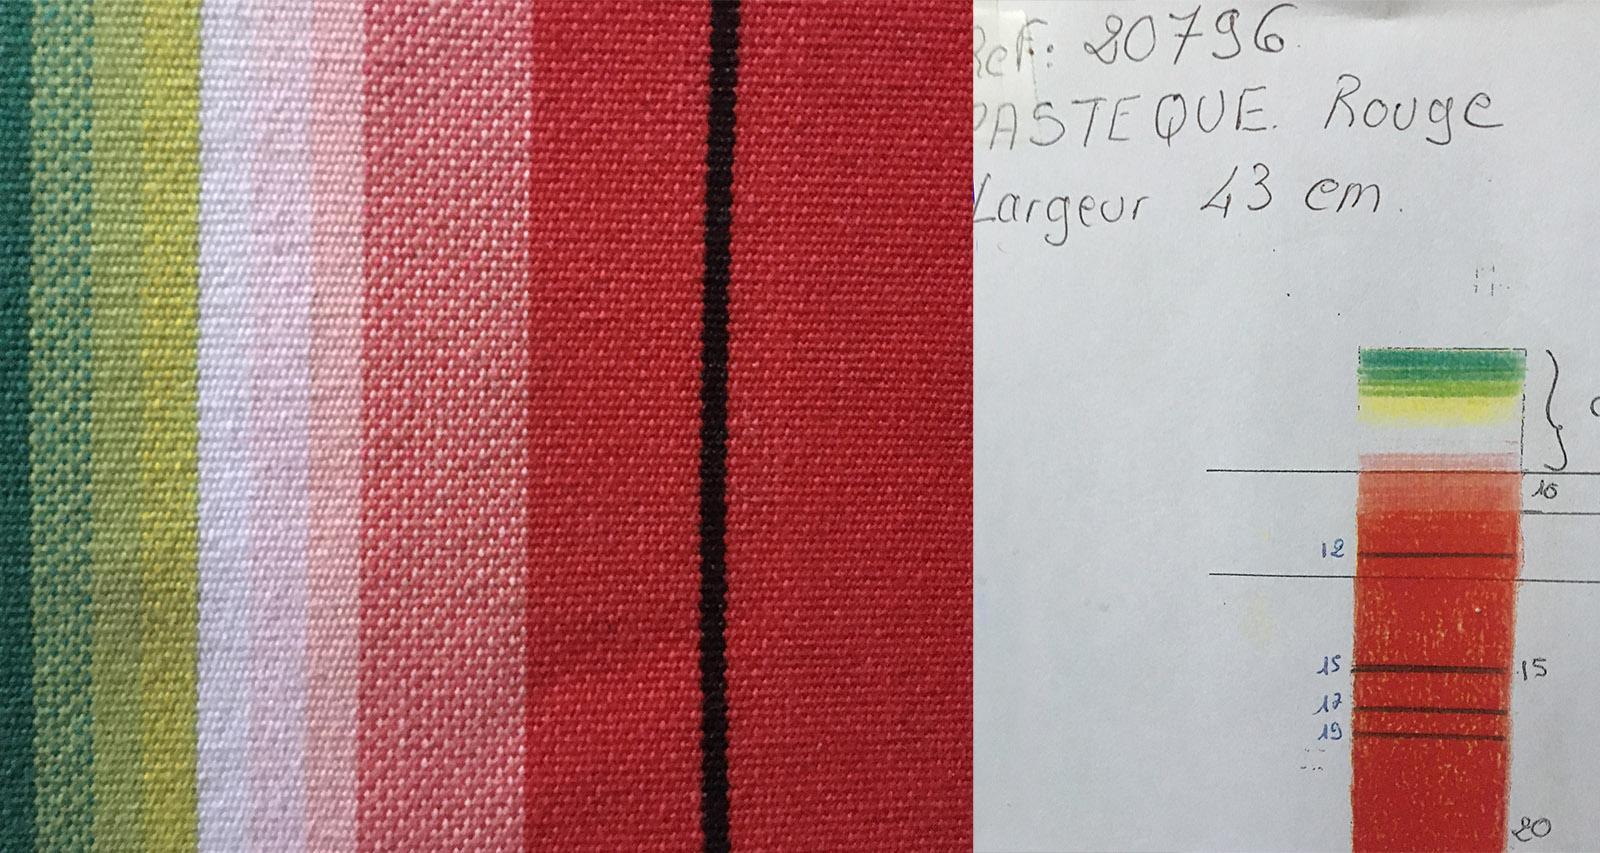 Toiles du Soleil: Im Musterbuch festgehalten: das Streifenmuster Pastèque (Wassermelone). Foto: Hilke Maunder